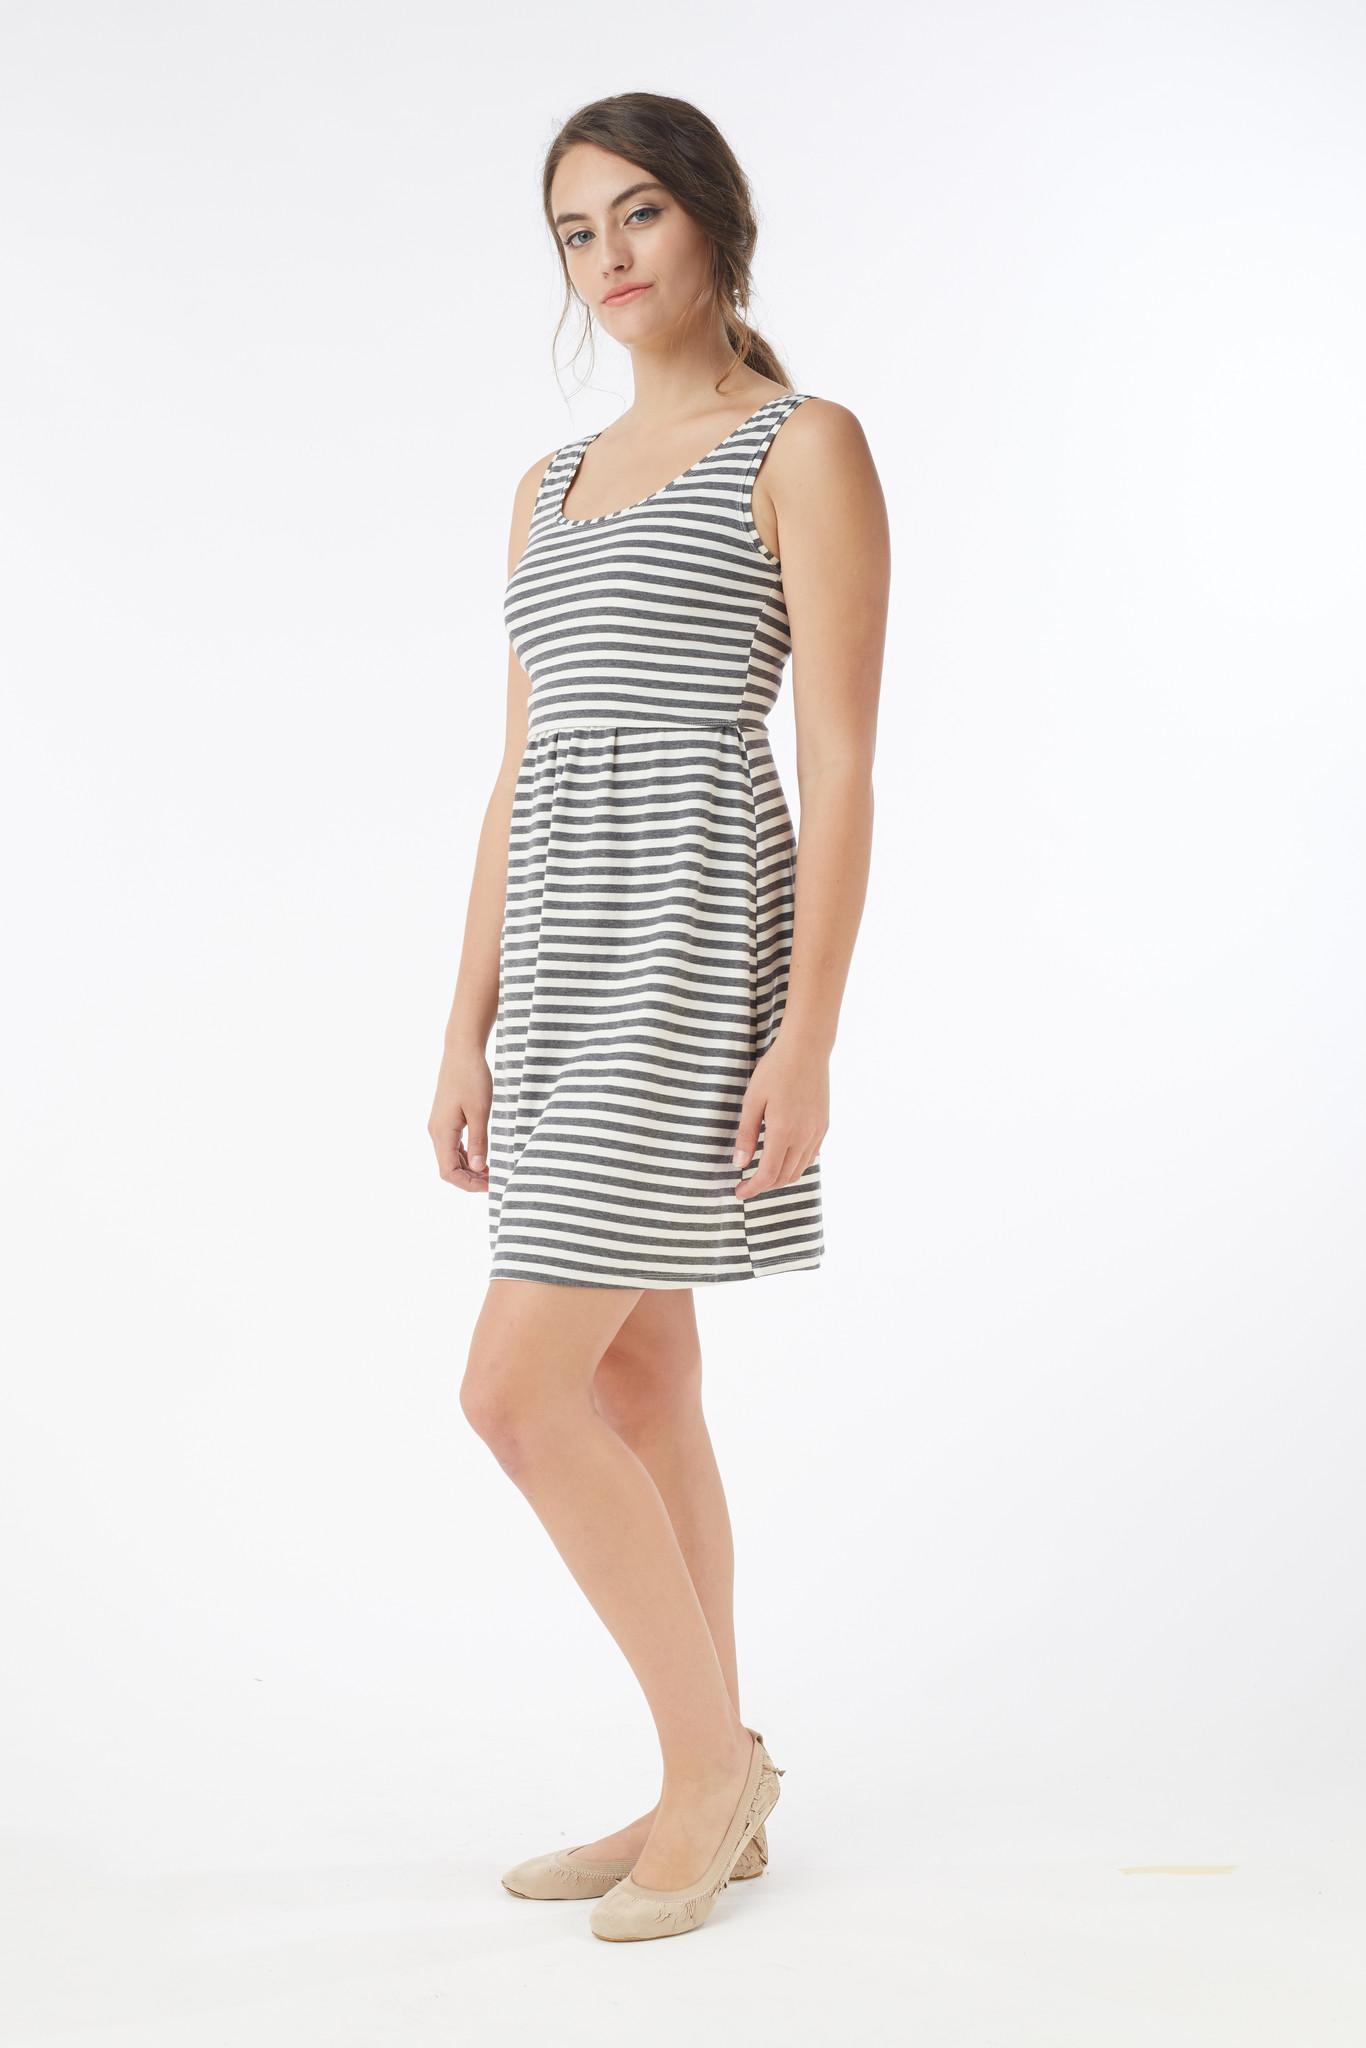 MEV U-neck maternity nursing tank dress